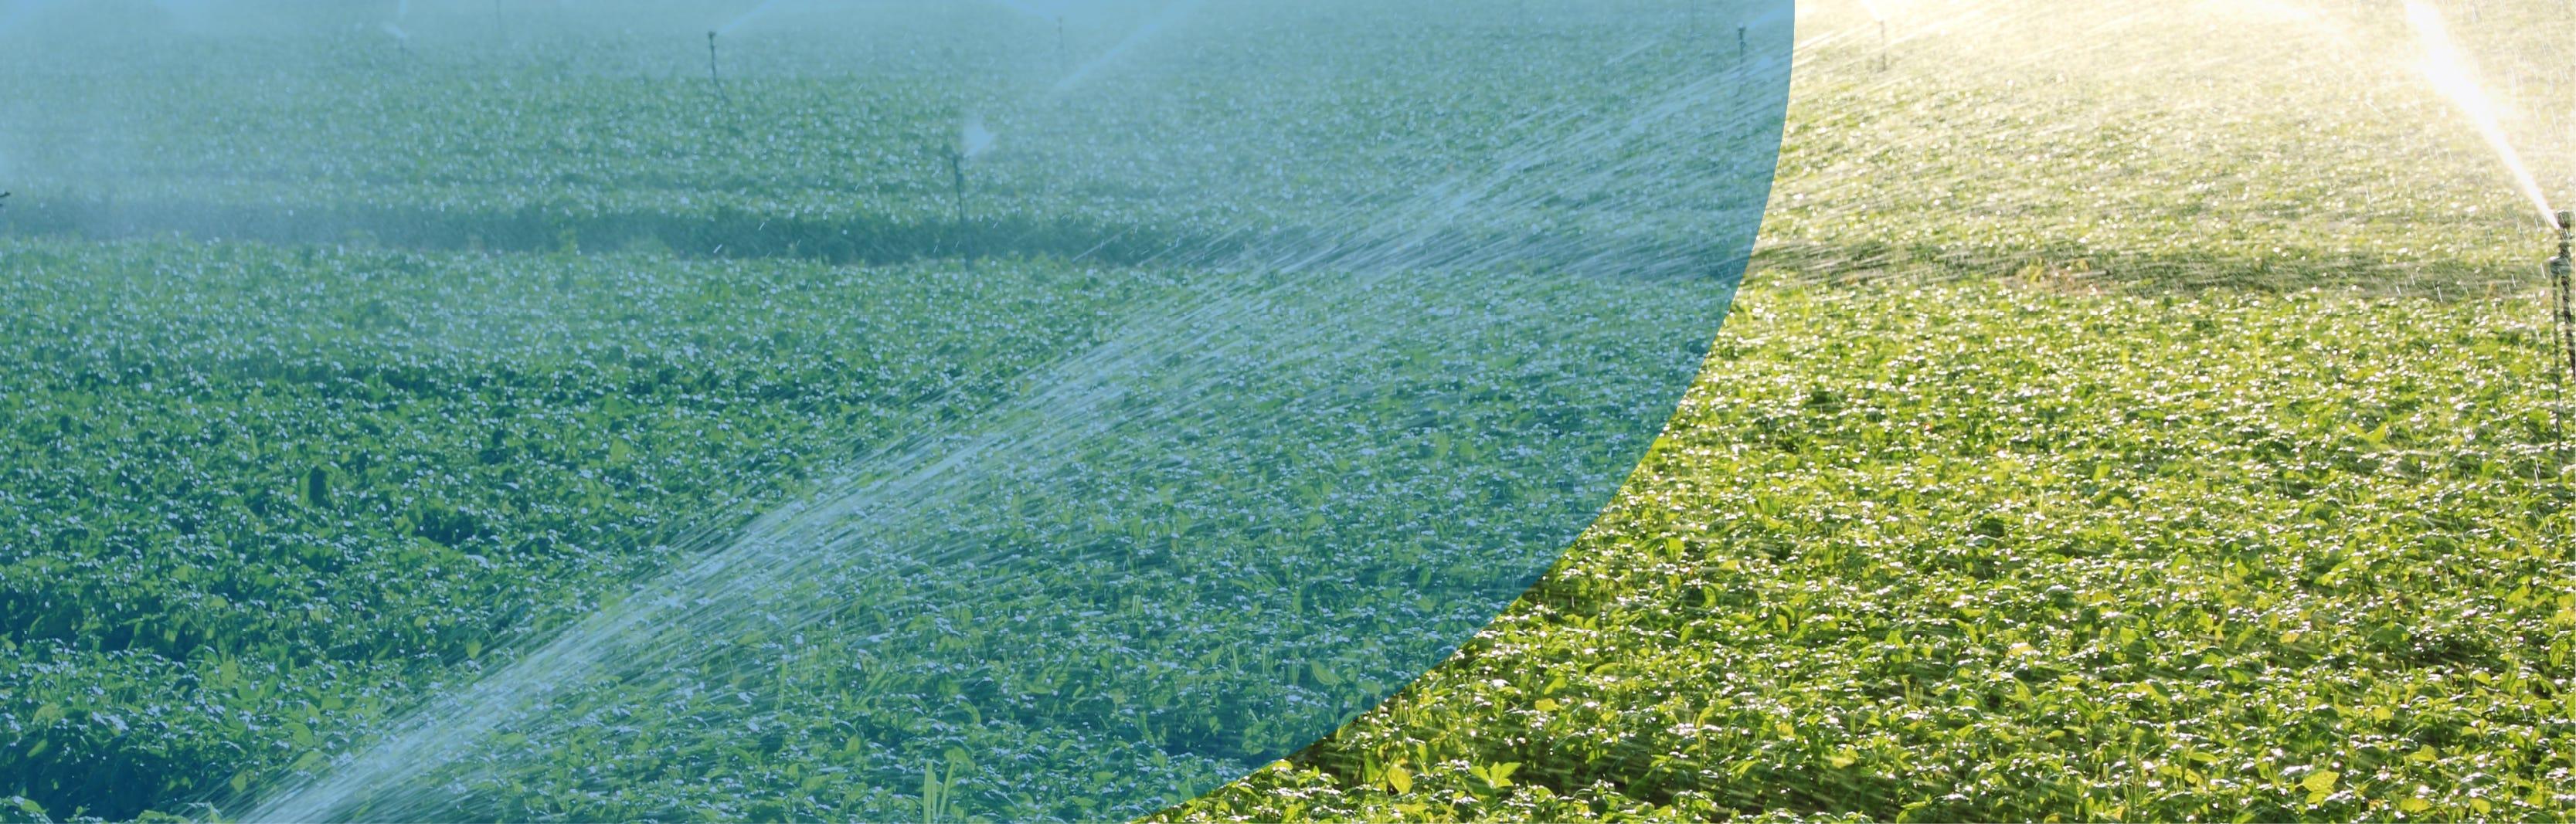 Recoltech système d'irrigation